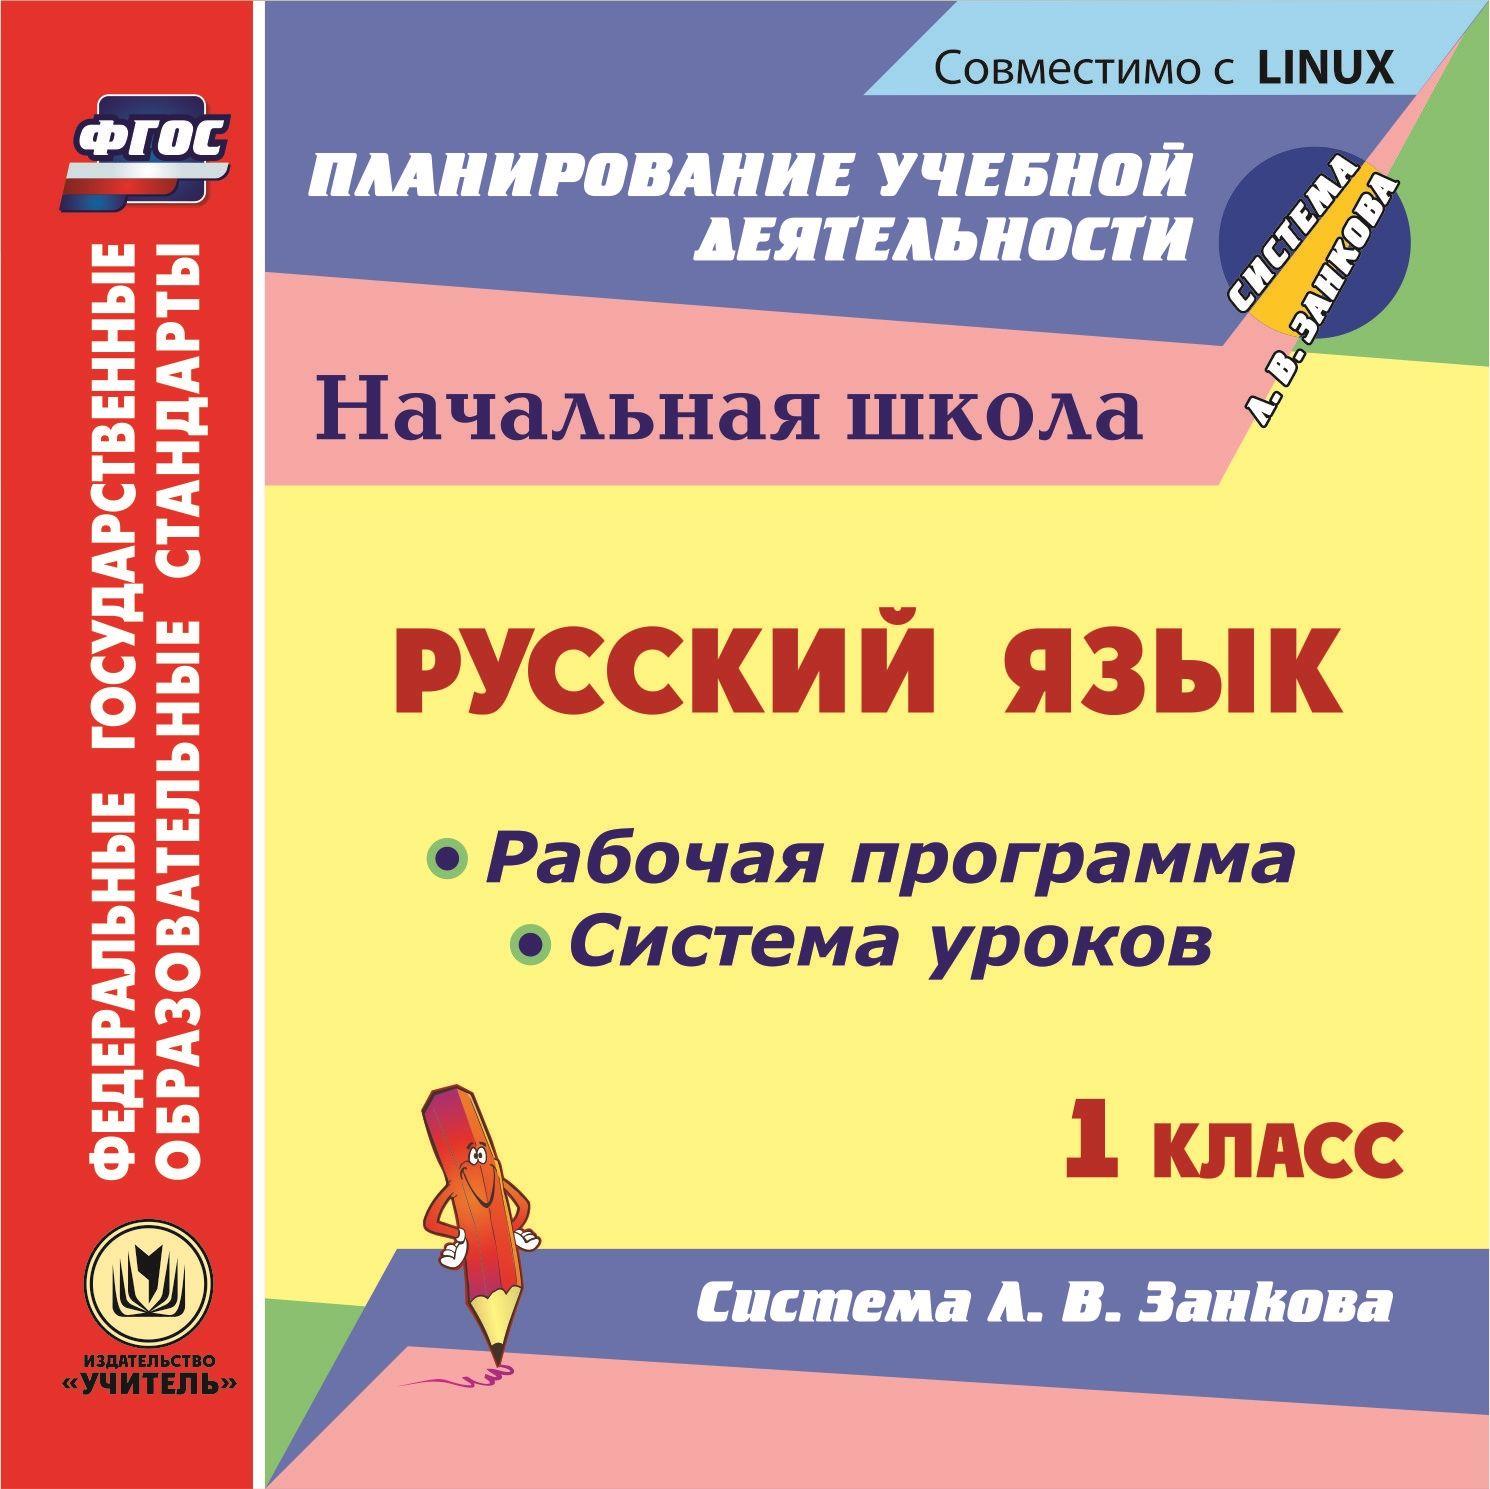 Русский язык. 1 класс. Рабочая программа и система уроков по системе Л. В. Занкова. Компакт-диск для компьютера